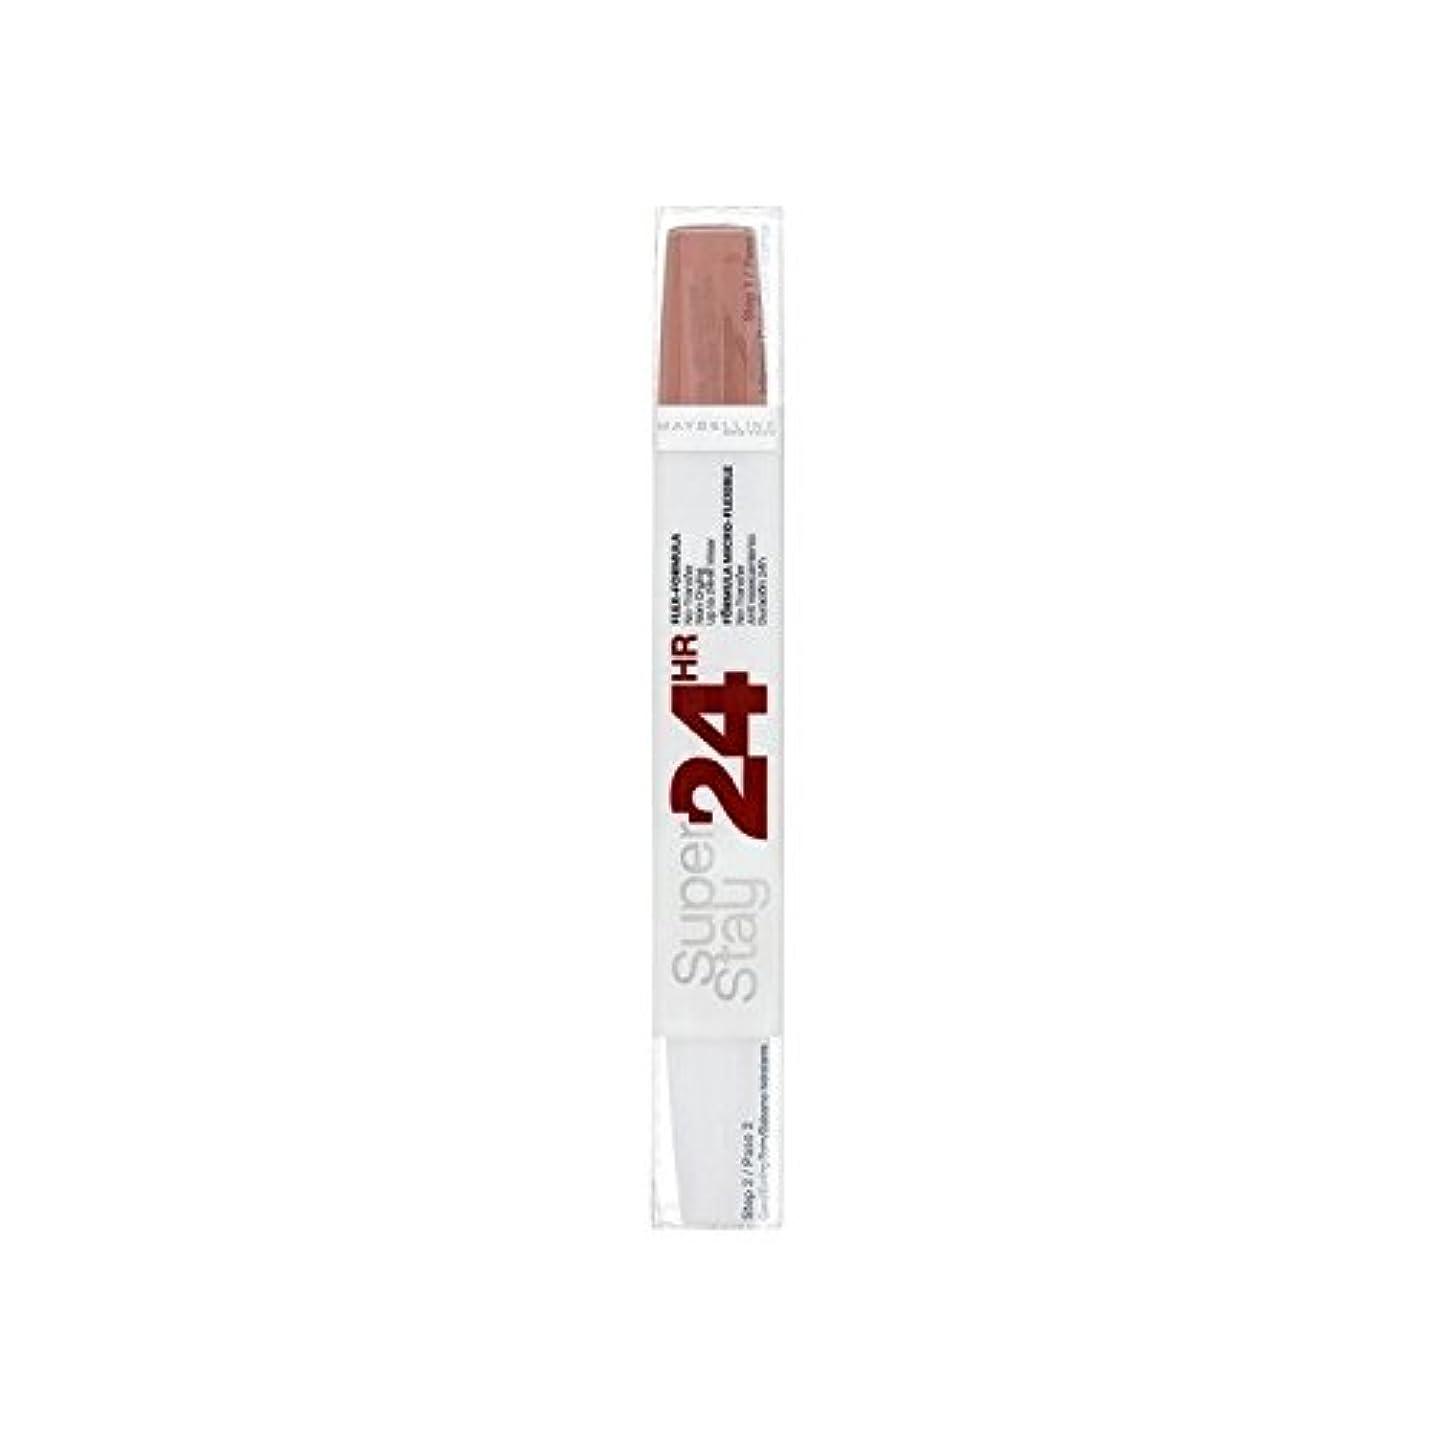 個人的にはず衣類メイベリン24デュアル口紅611カスタードプディングの9ミリリットル x4 - Maybelline SuperStay24H Dual Lipstick 611 Cr?me Caramel 9ml (Pack of 4) [並行輸入品]